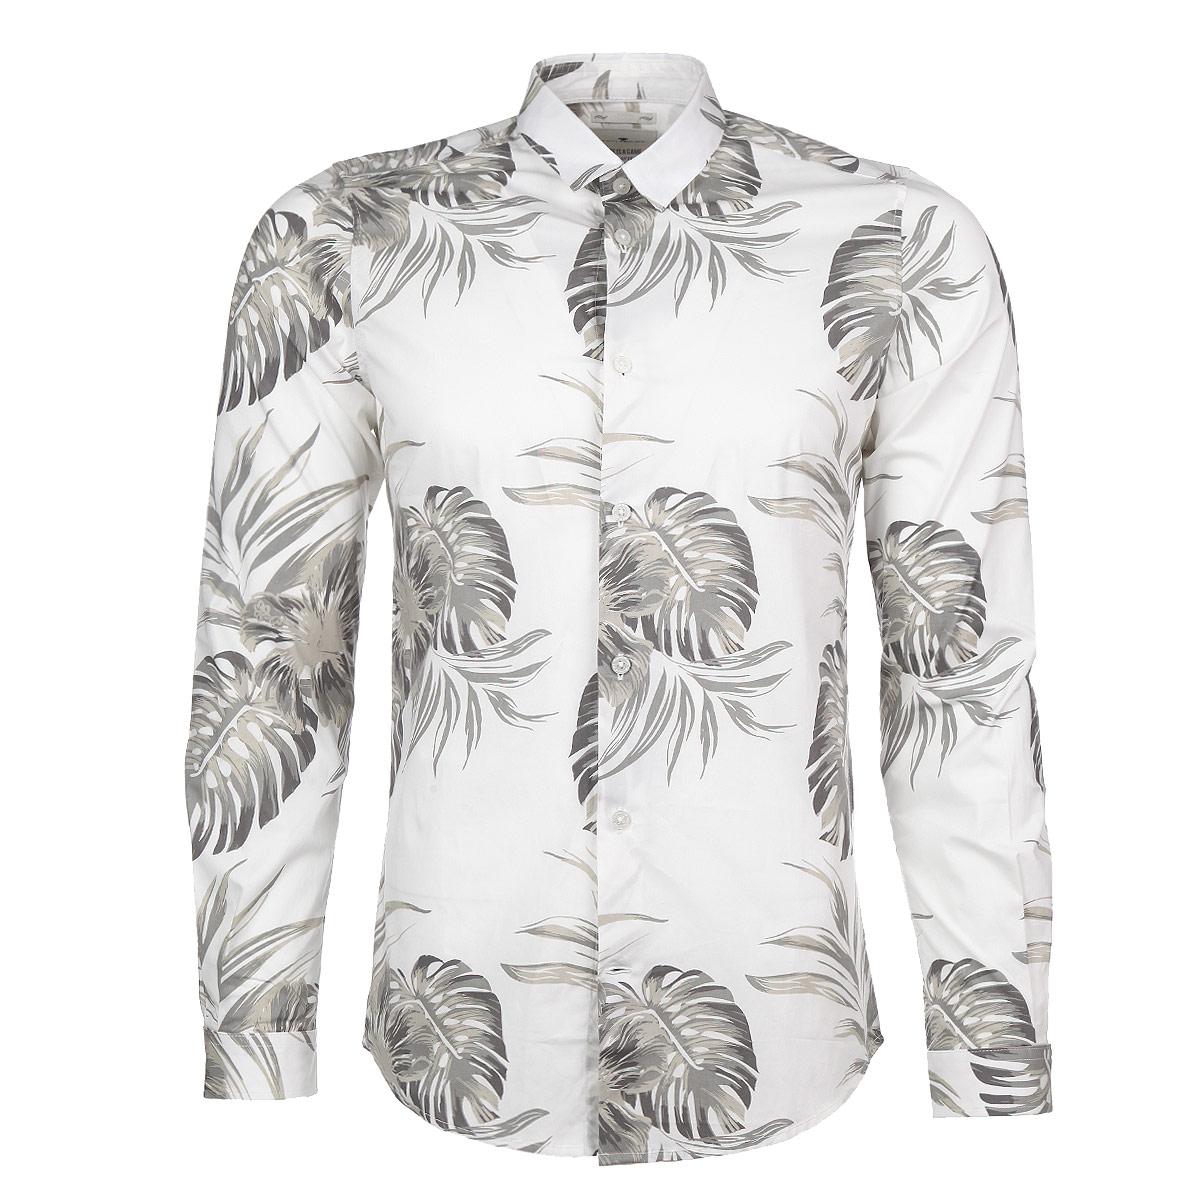 Рубашка мужская. 2029998.00.152029998.00.15_2000Модная мужская рубашка Tom Tailor станет прекрасным дополнением к вашему гардеробу. Рубашка выполнена из хлопка с небольшим добавлением эластана, обладает высокой теплопроводностью, воздухопроницаемостью и гигроскопичностью, позволяет коже дышать, тем самым обеспечивая наибольший комфорт при носке даже жарким летом. Модель зауженного кроя с длинными рукавами, отложным воротником и полукруглым низом застегивается на пуговицы. Рукава дополнены широкими манжетами на пуговицах. Рубашка оформлена эффектным принтом с изображением пальмовых листьев. Такая рубашка будет дарить вам комфорт в течение всего дня.